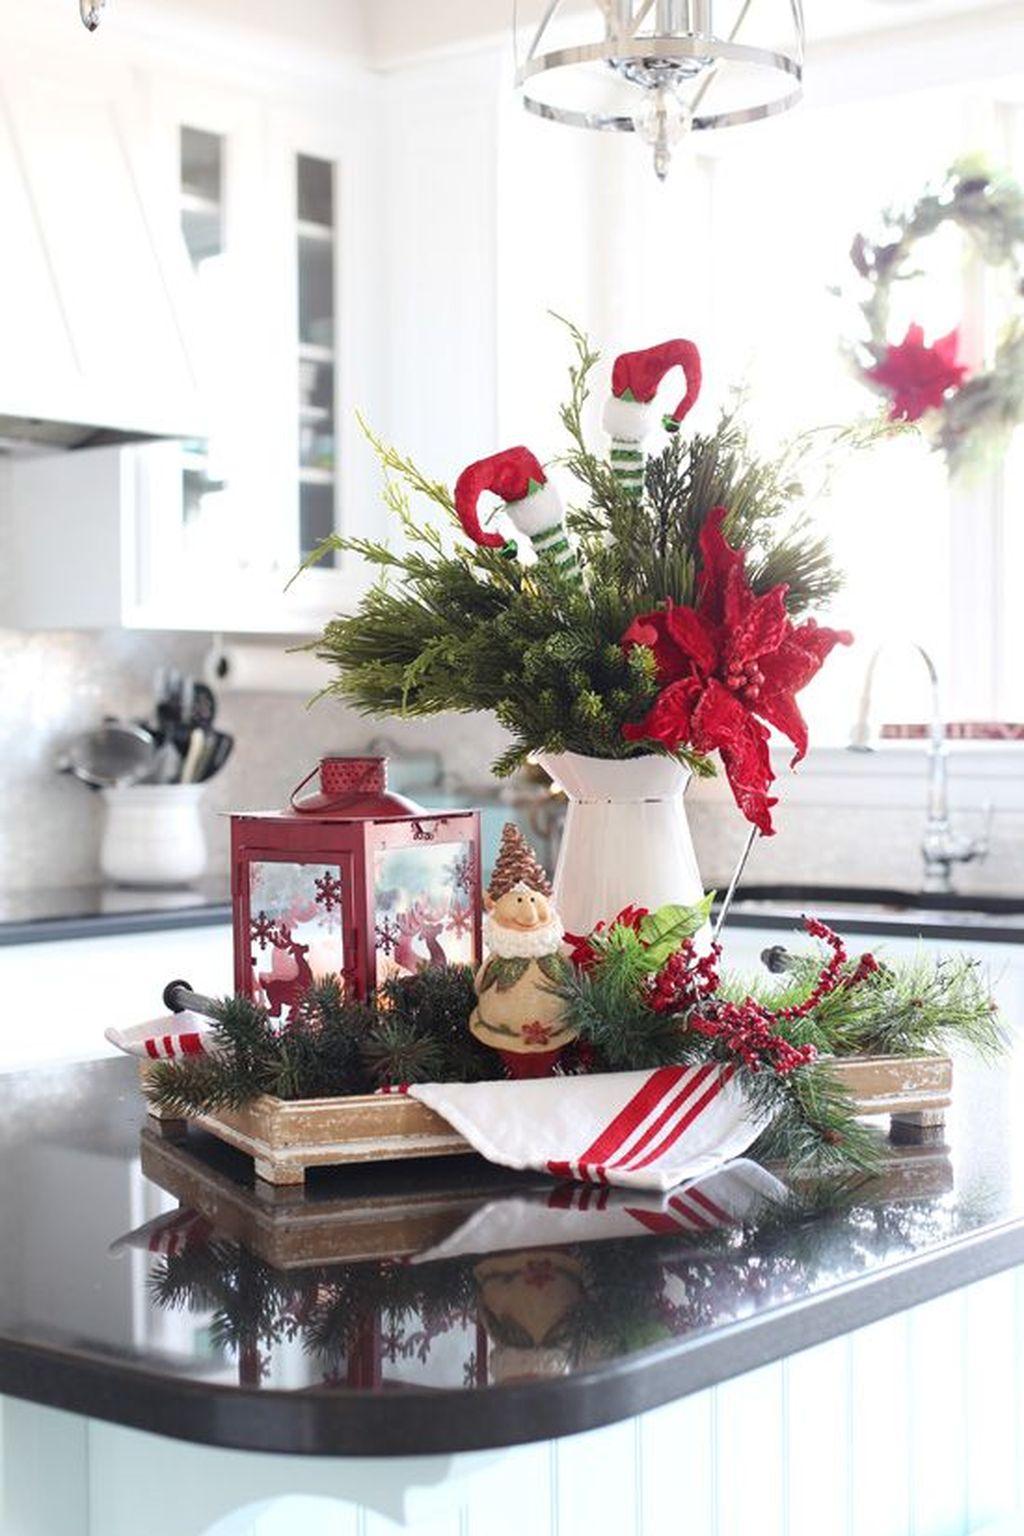 Awesome Christmas Theme Kitchen Decor Ideas 21